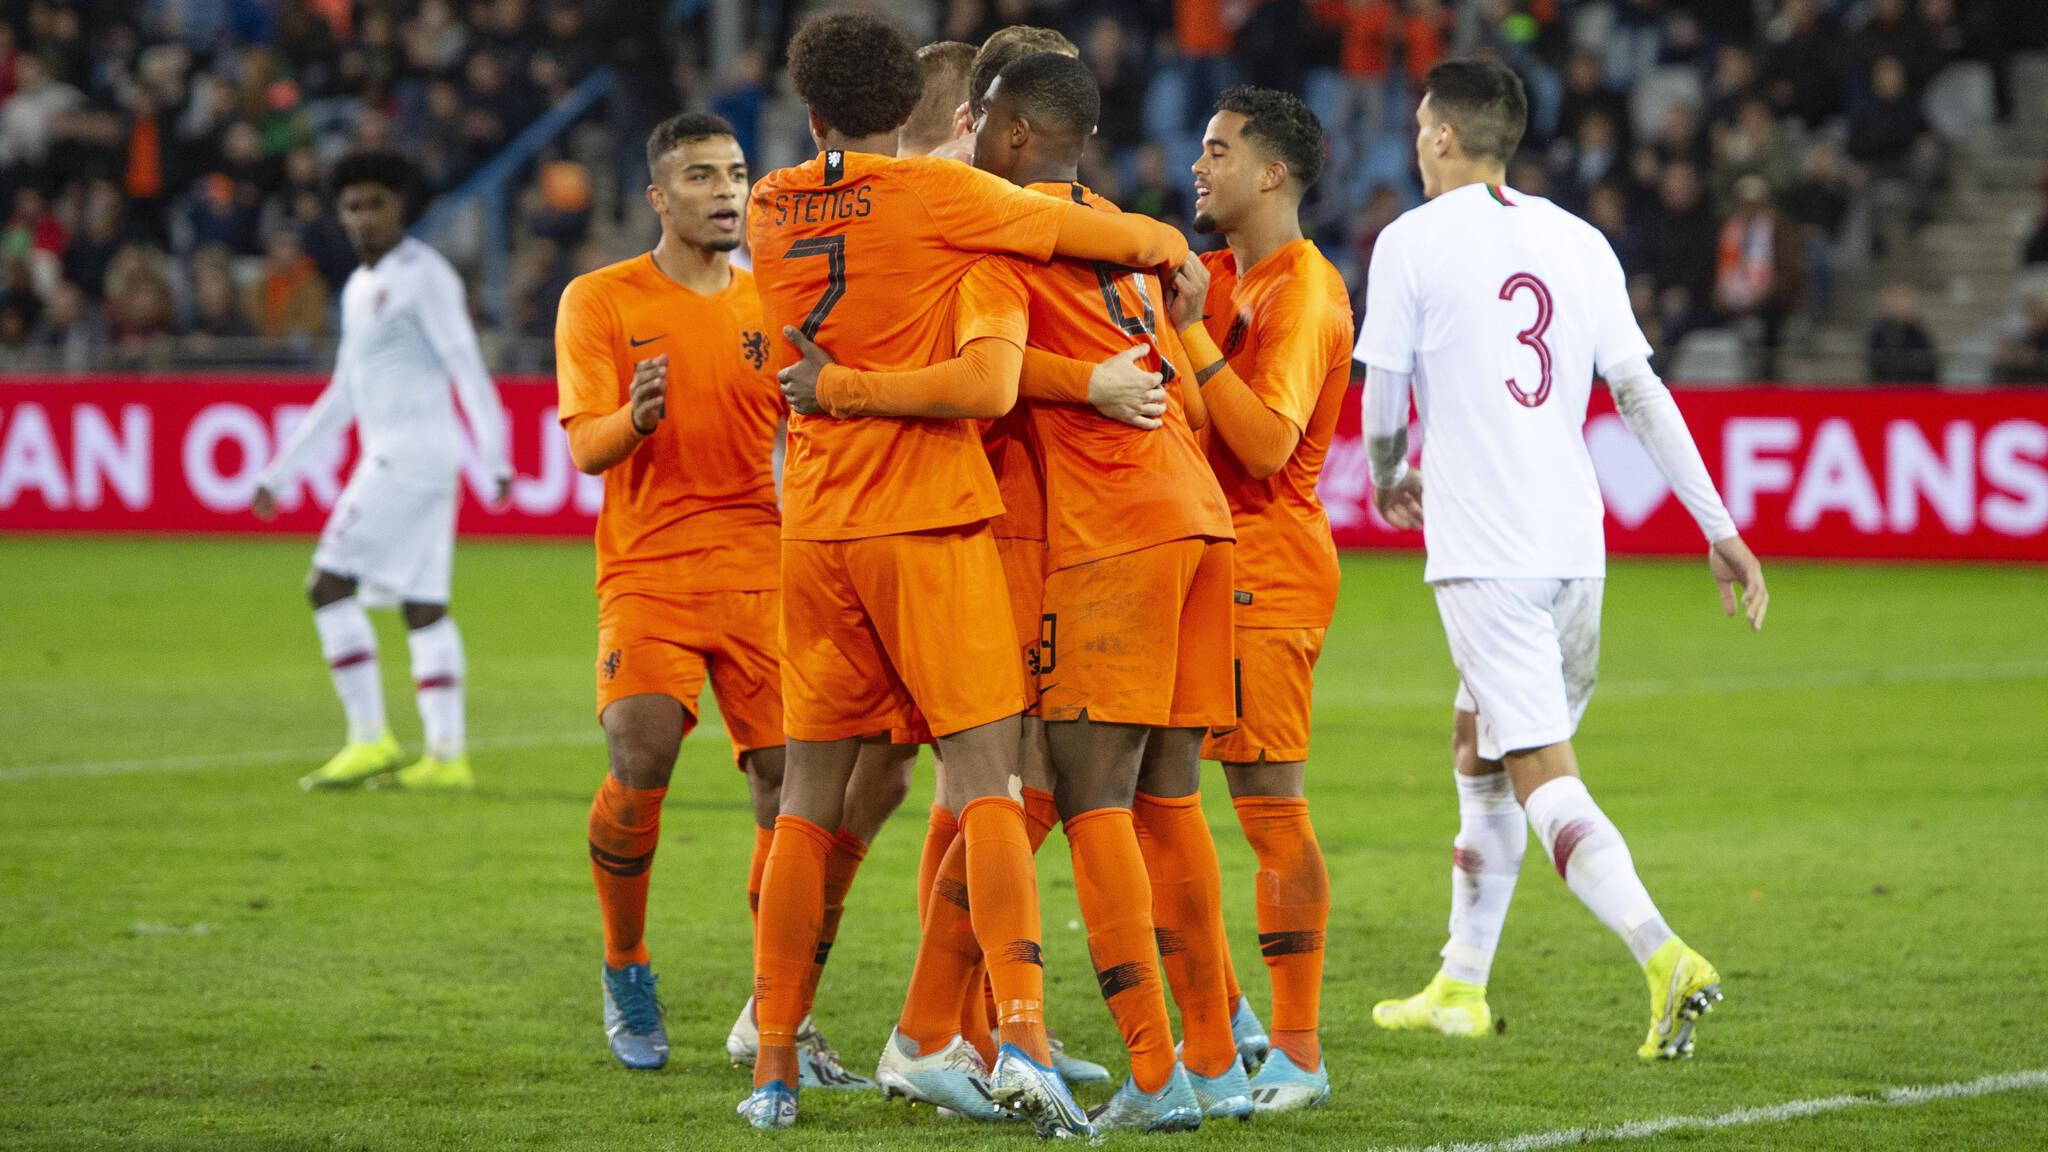 A nova geração de talentos do futebol holandês